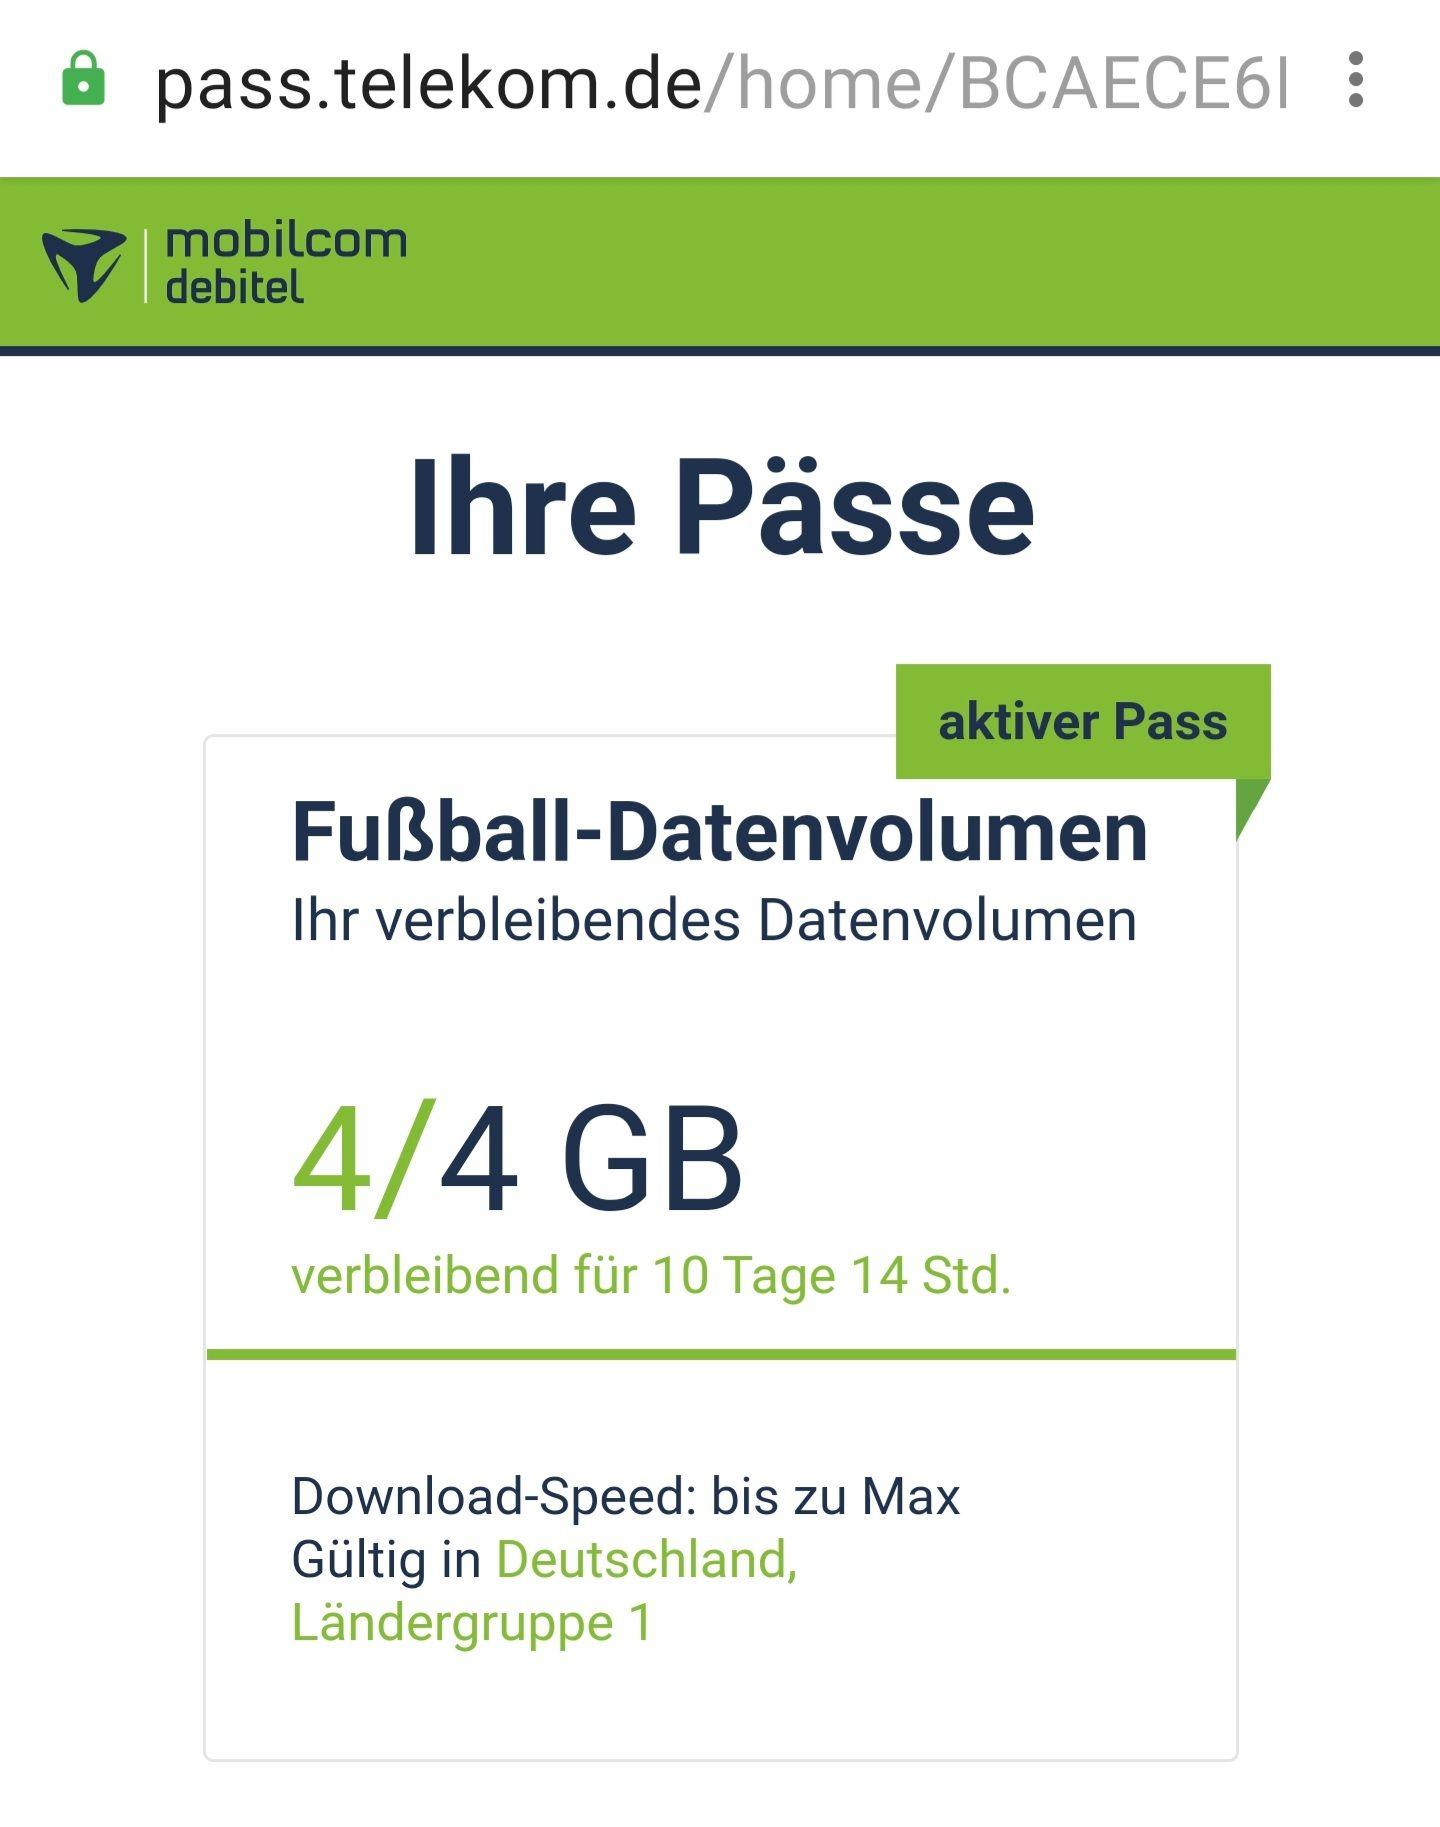 Für Mobilcom debitel Telekom Kunden gibt es auch die 1GB/Tor Daten Kostenfrei Aktion! Nur Magenta leider nicht Green.